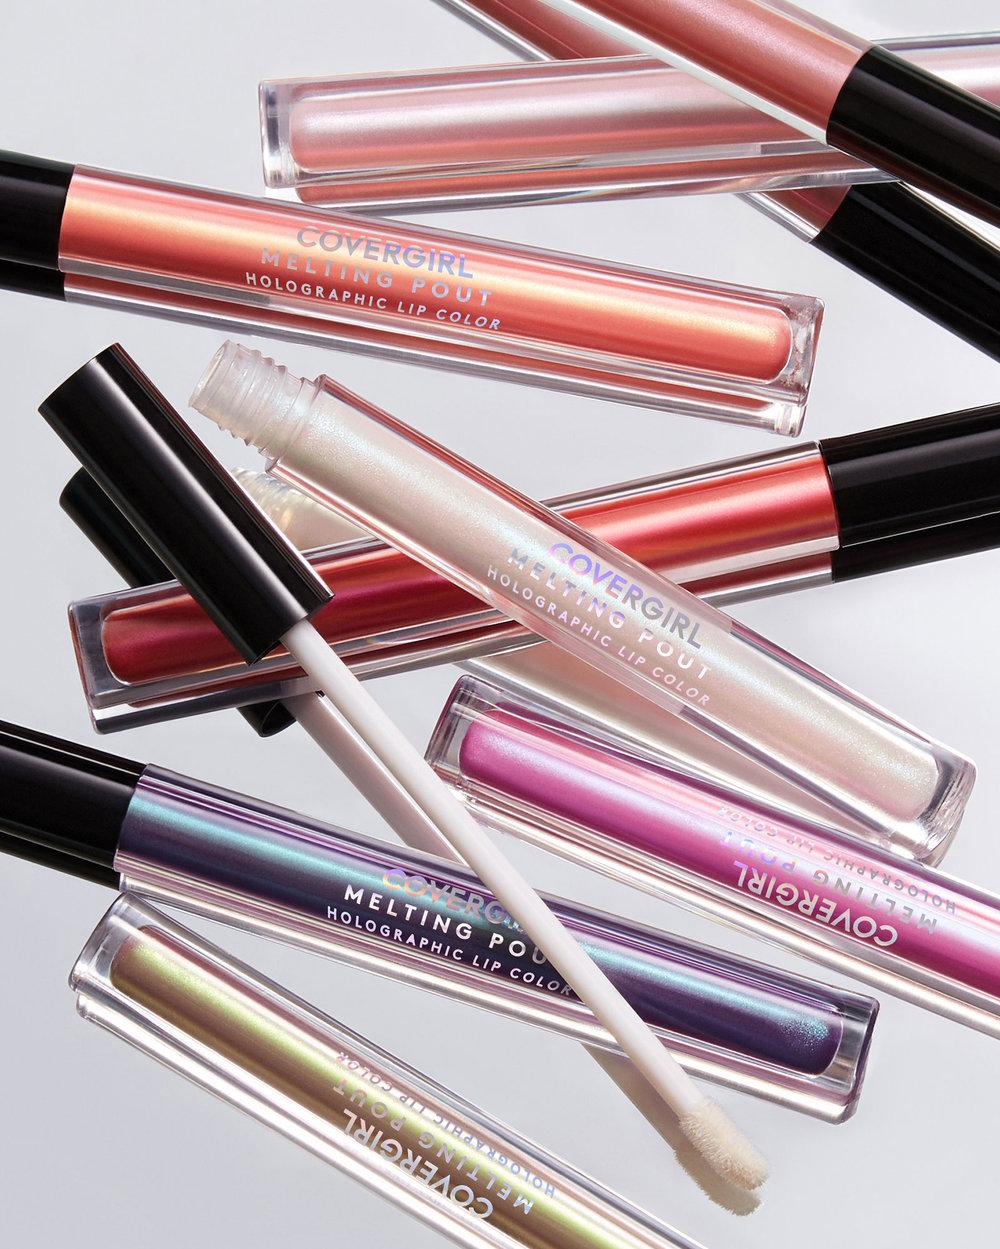 tom-medvedich-still-life-cosmetics-covergirl-Holographic-Lip-Lipstick.jpg